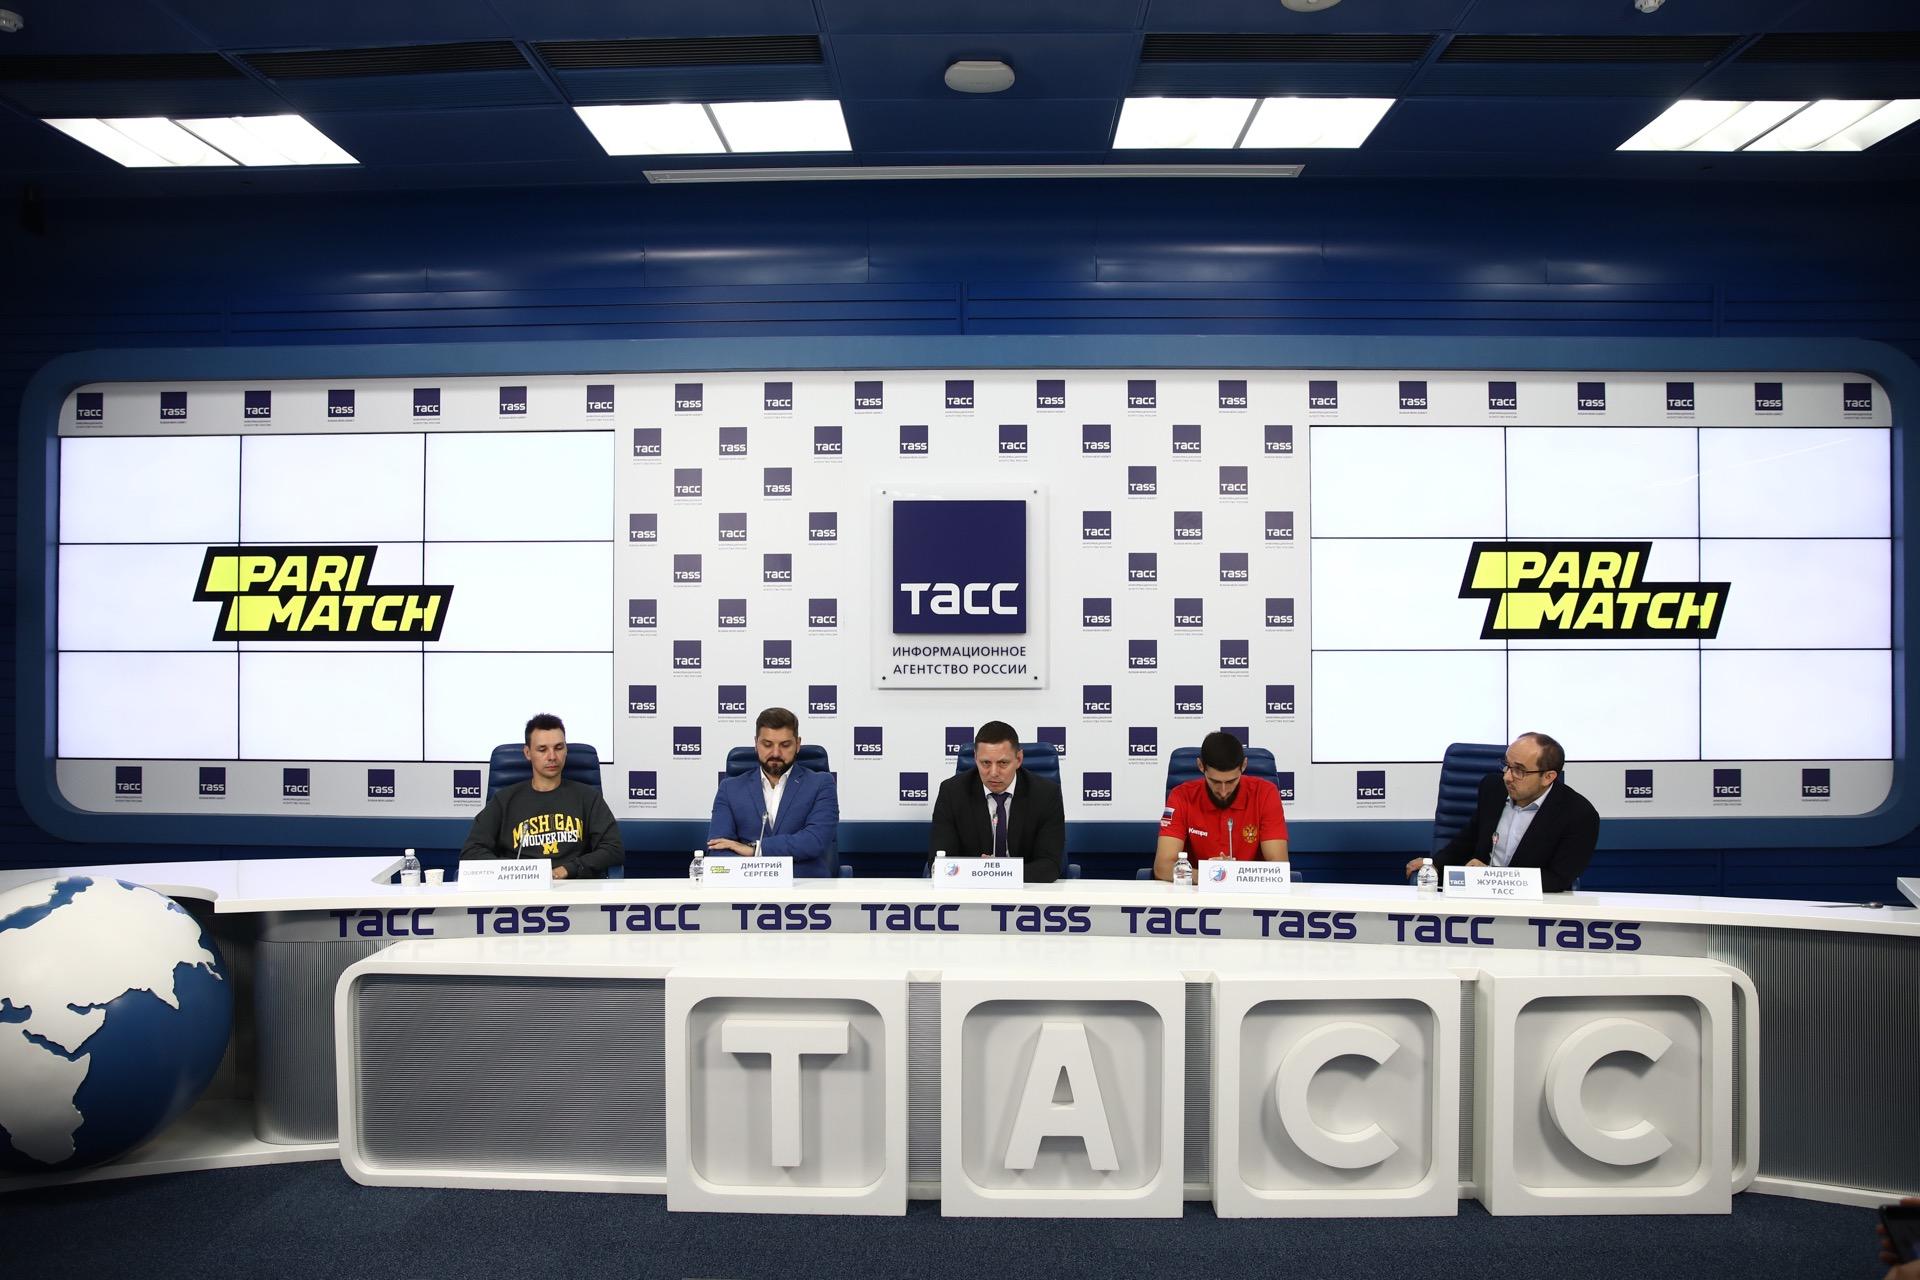 Париматч и Федерация Гандбола России заключили договор о сотрудничестве и проведут полный ребрендинг чемпионата России